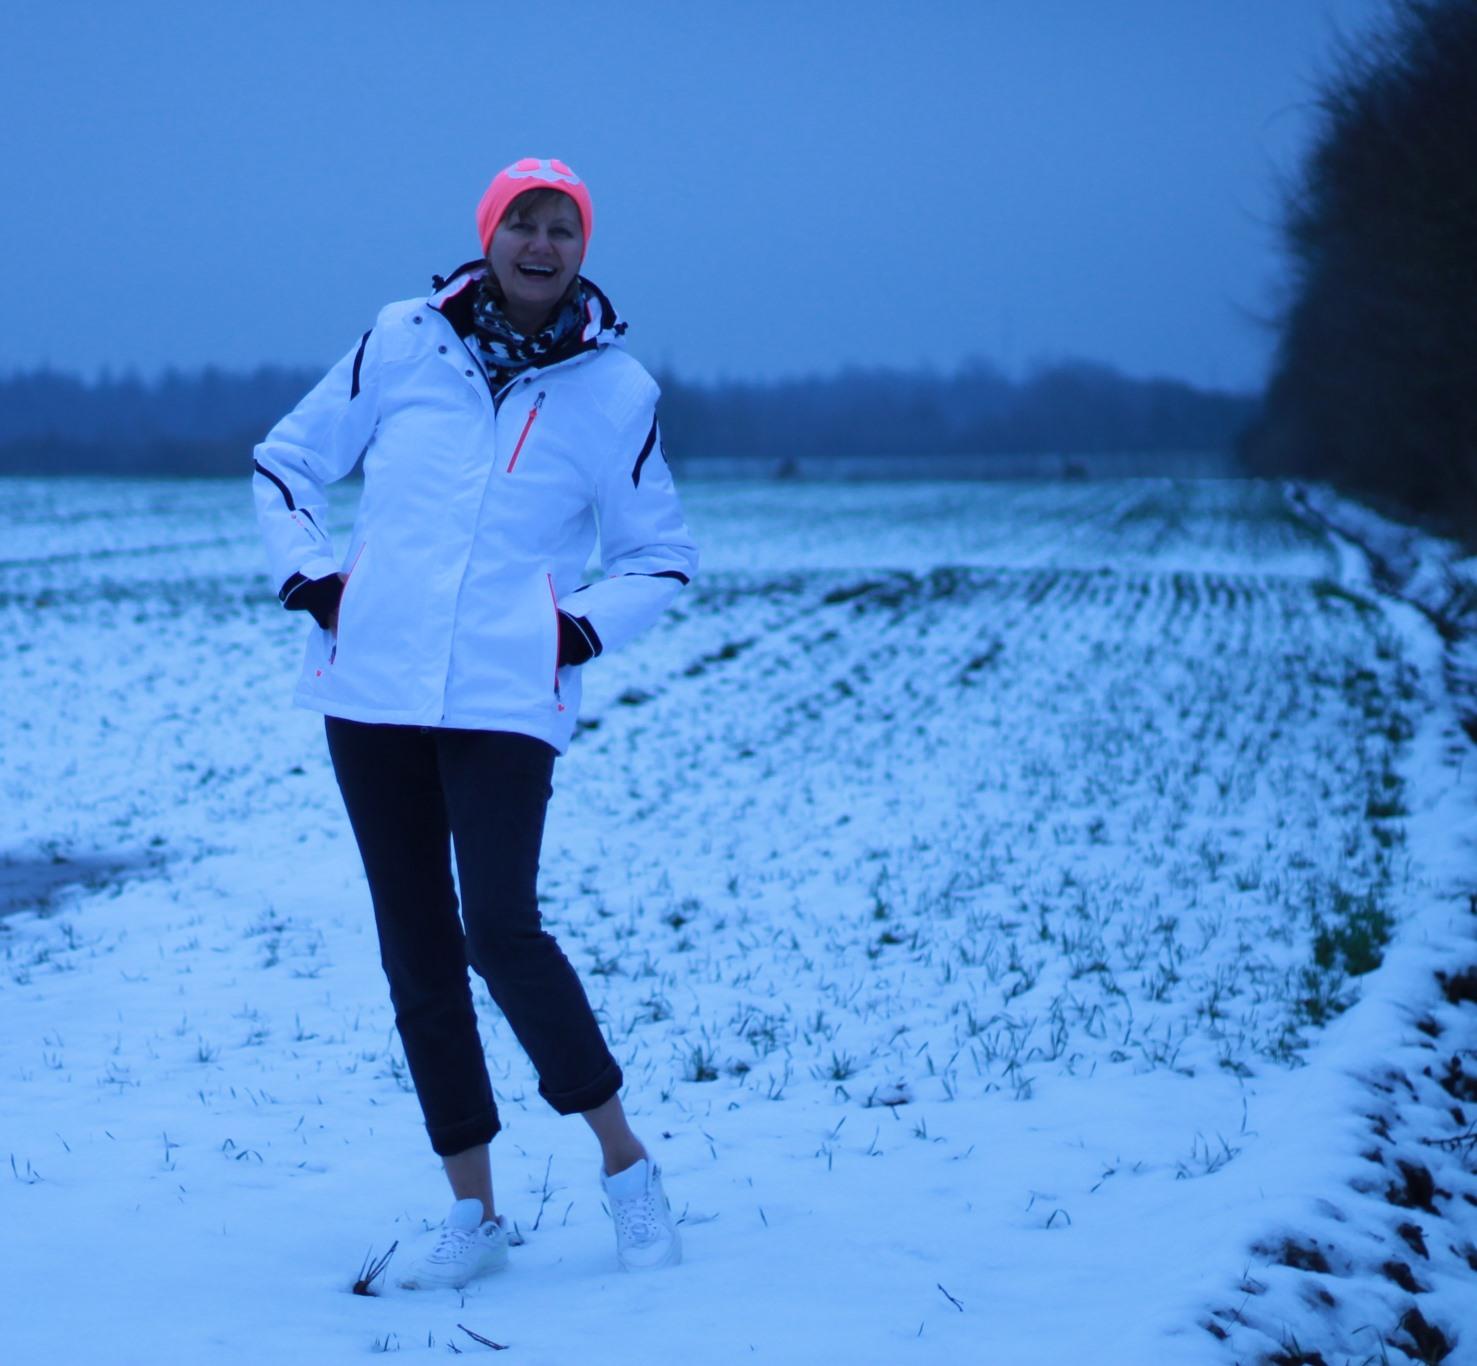 Feld Schnee weisse Jacke Muetze pink mit anker